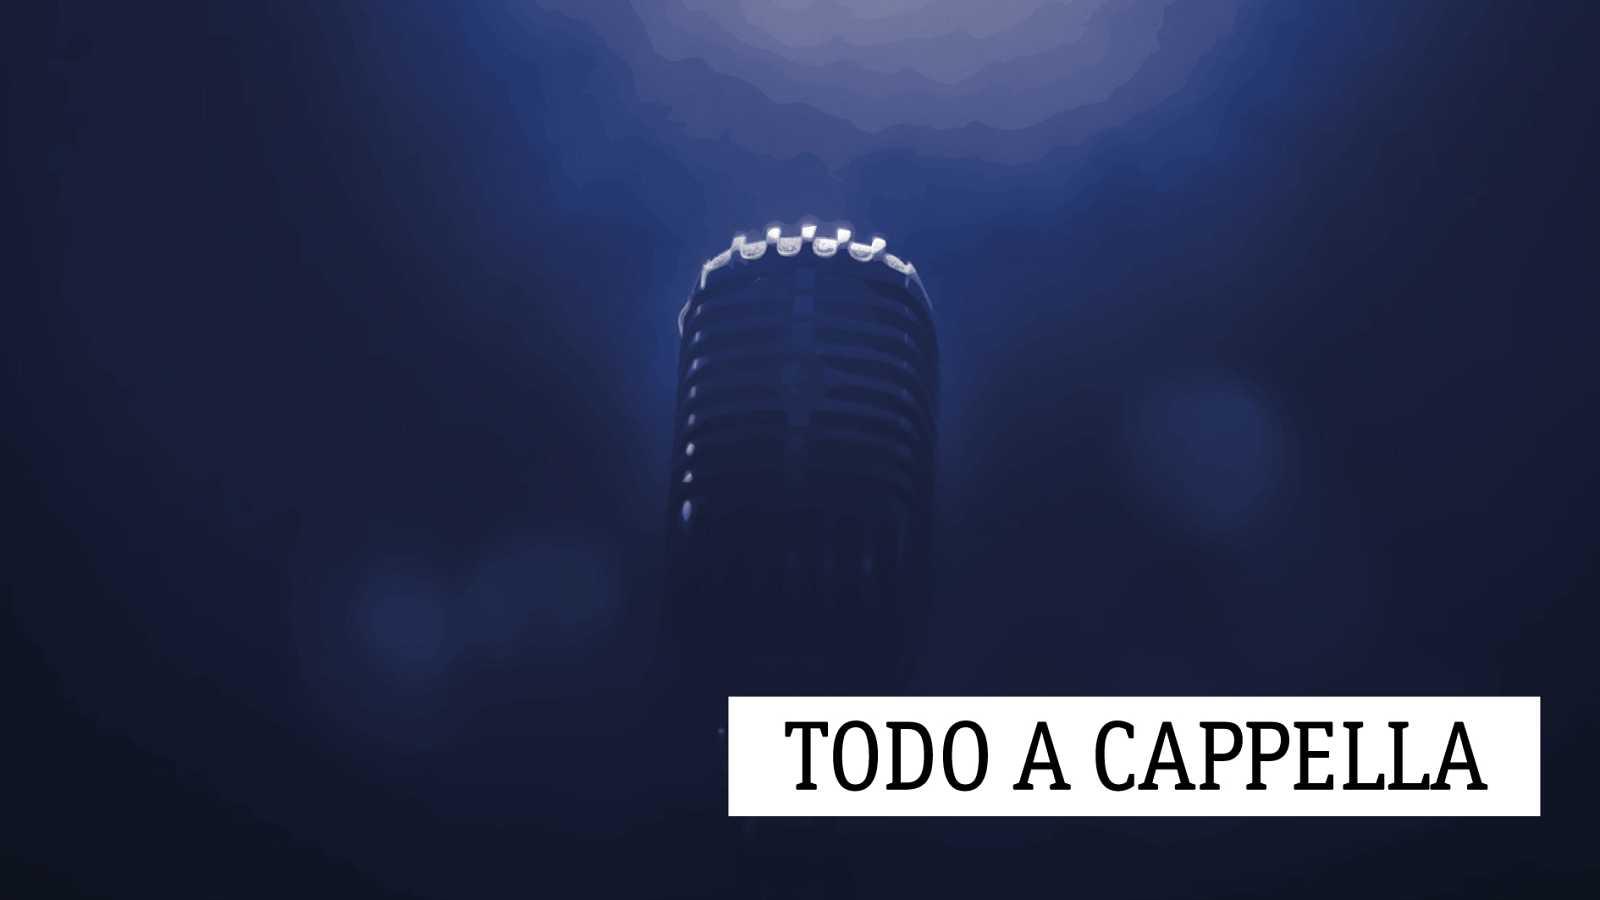 Todo a cappella - Luz y oro - 15/09/19 - escuchar ahora